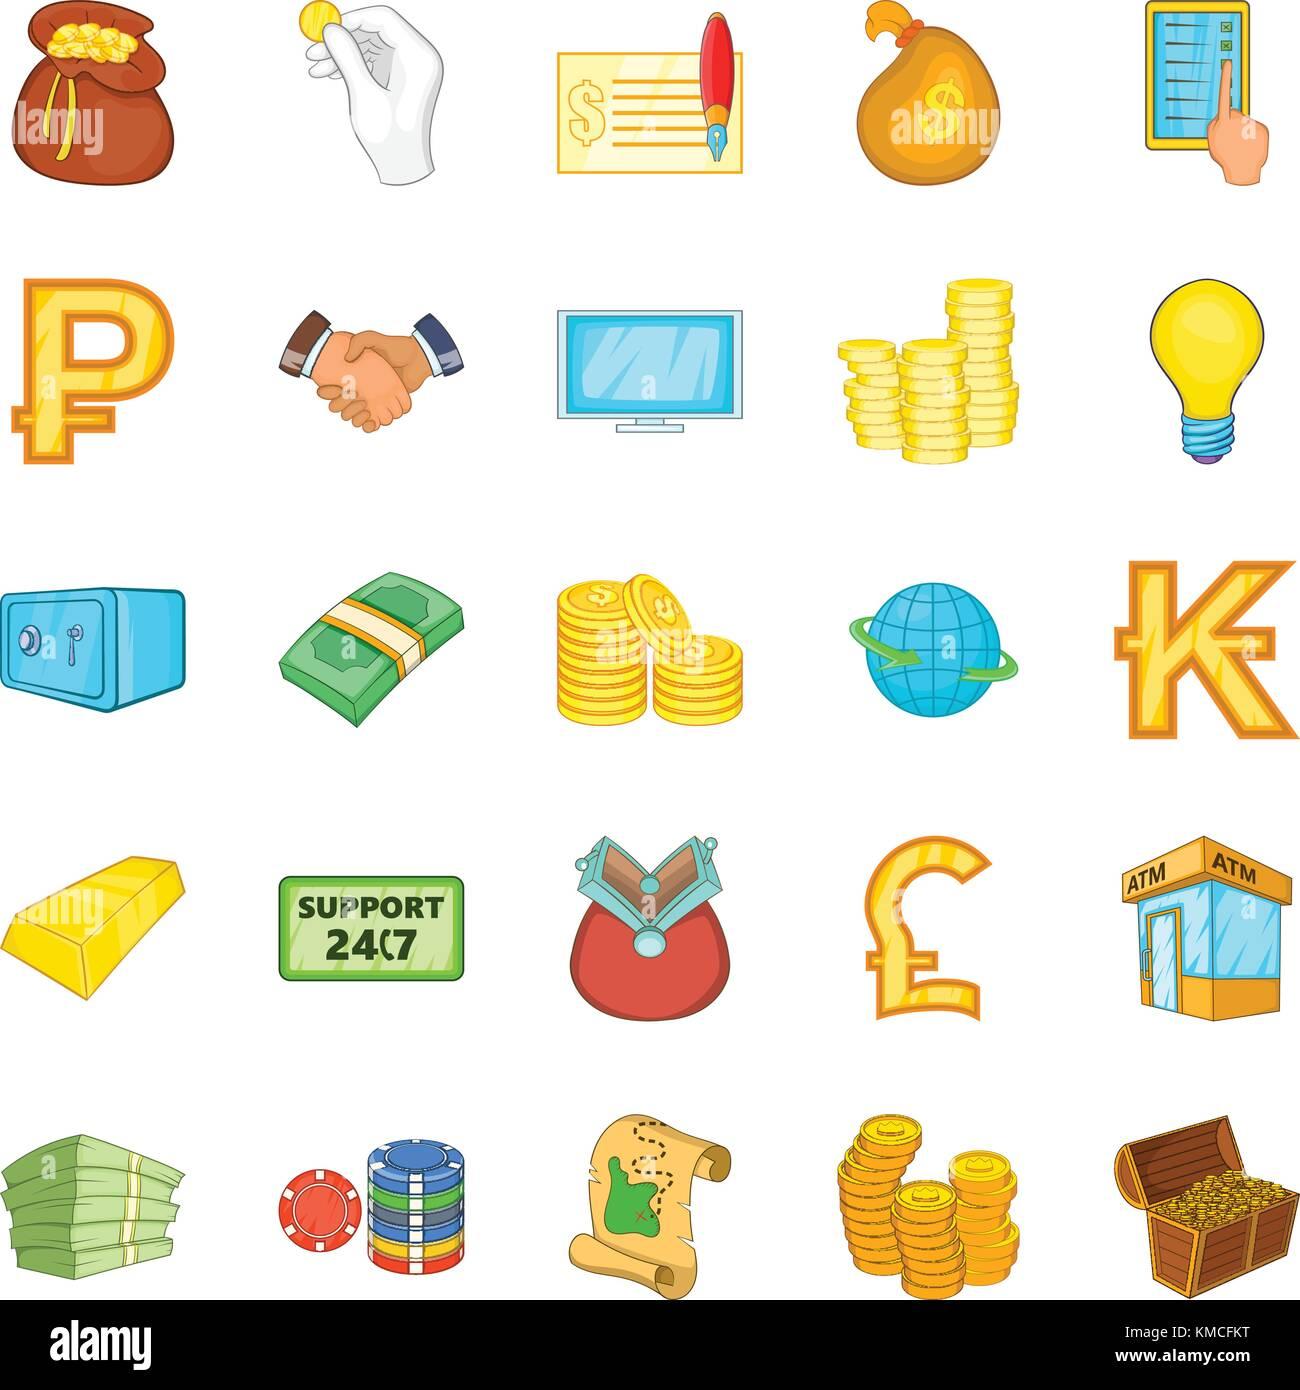 Bankroll icons set, cartoon style - Stock Image